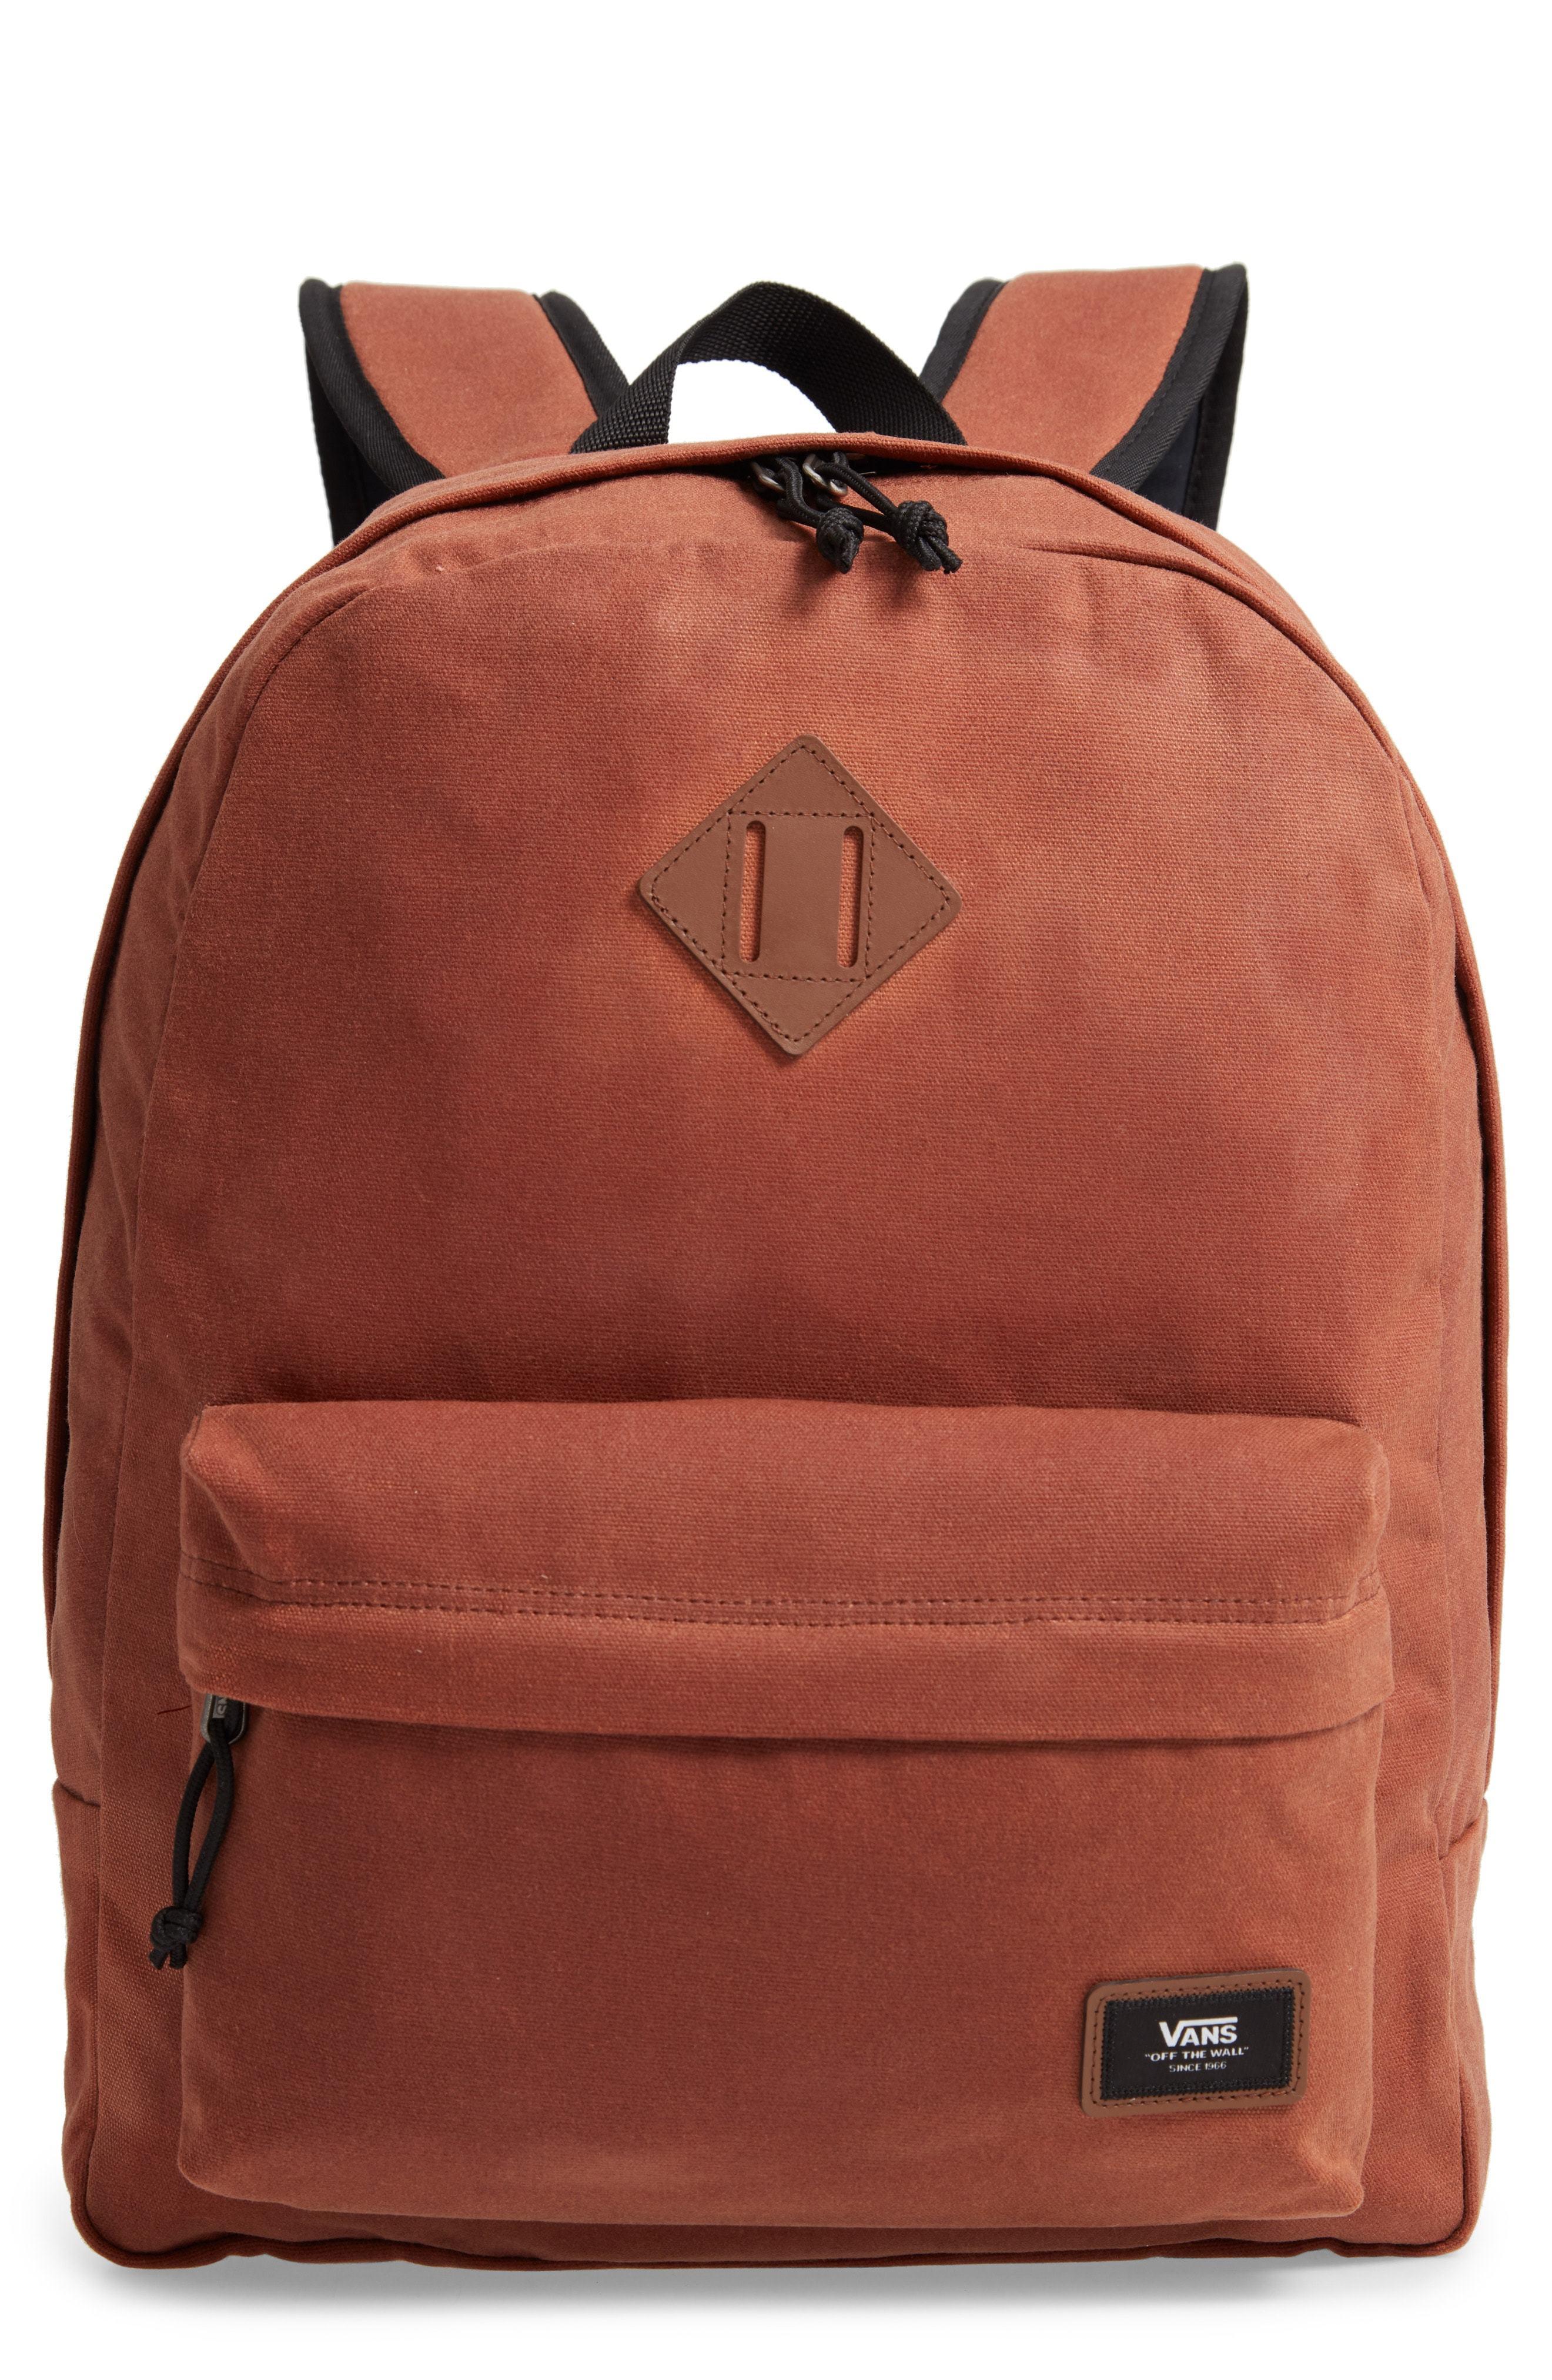 9d2c29704cd Vans Old Skool Plus Backpack, $55 | Nordstrom | Lookastic.com